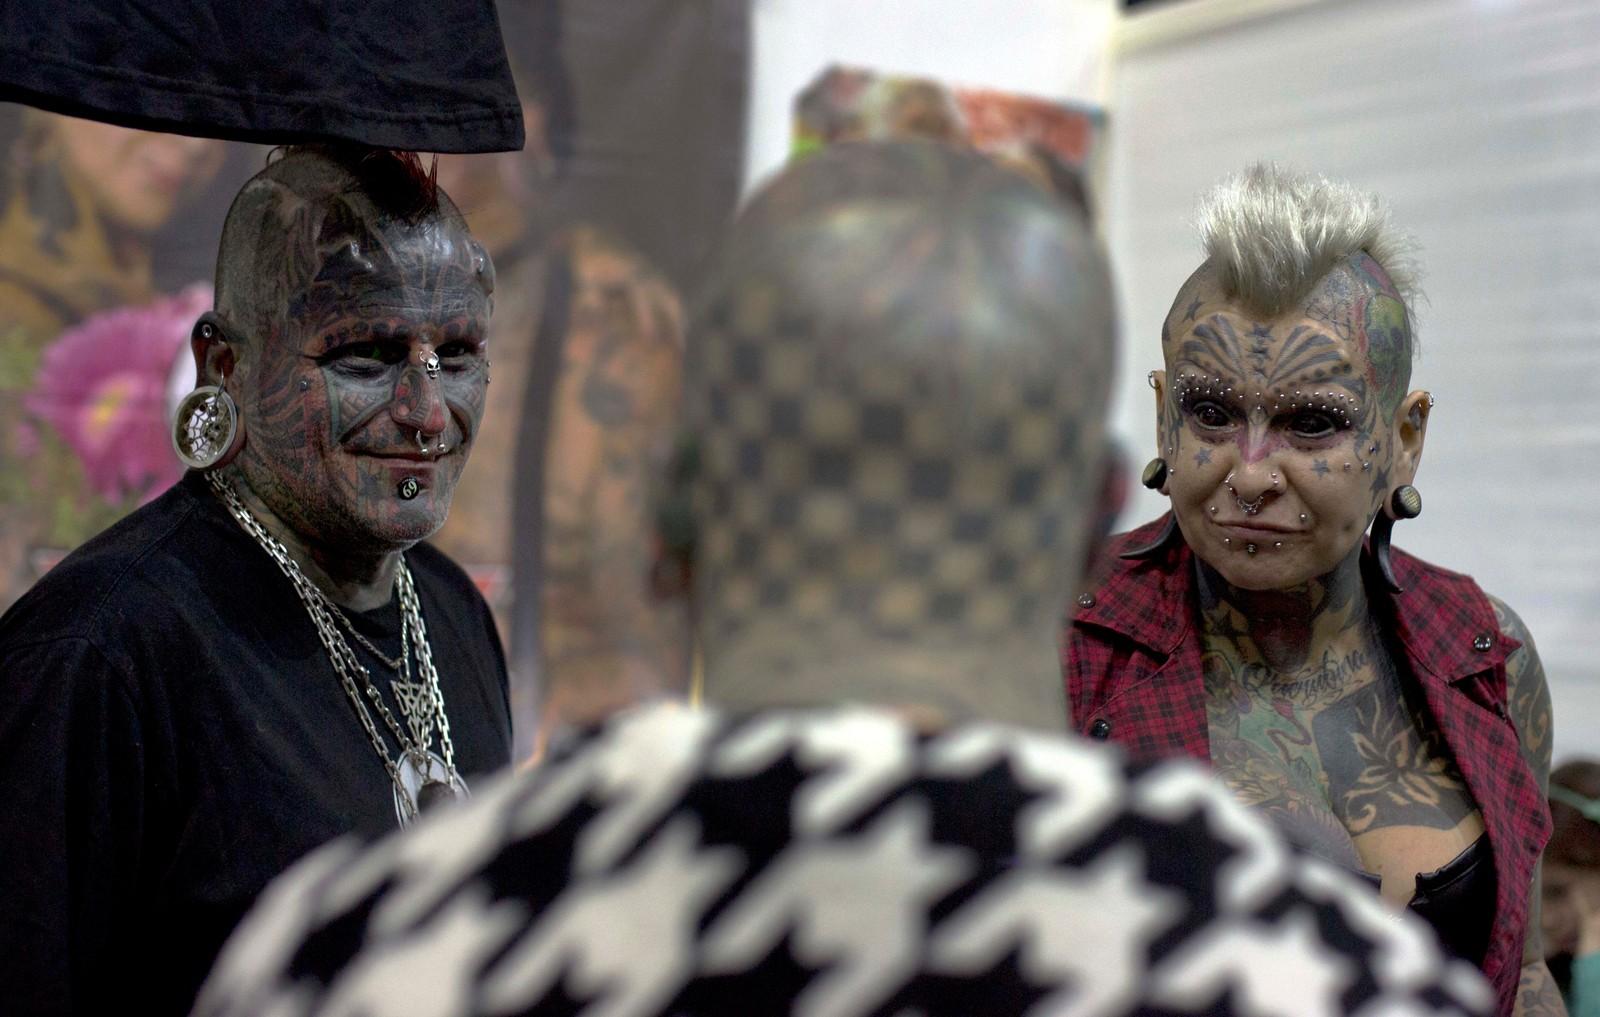 Victor Peralta og hans kone Gabriela Peralta, diskuterer det vi bare kan anta er tatoveringer med Matt Gone under en tatoveringsfestival i Lima, Peru. Peralta holder verdensrekorden for ektepar med flest kroppsutsmykninger.